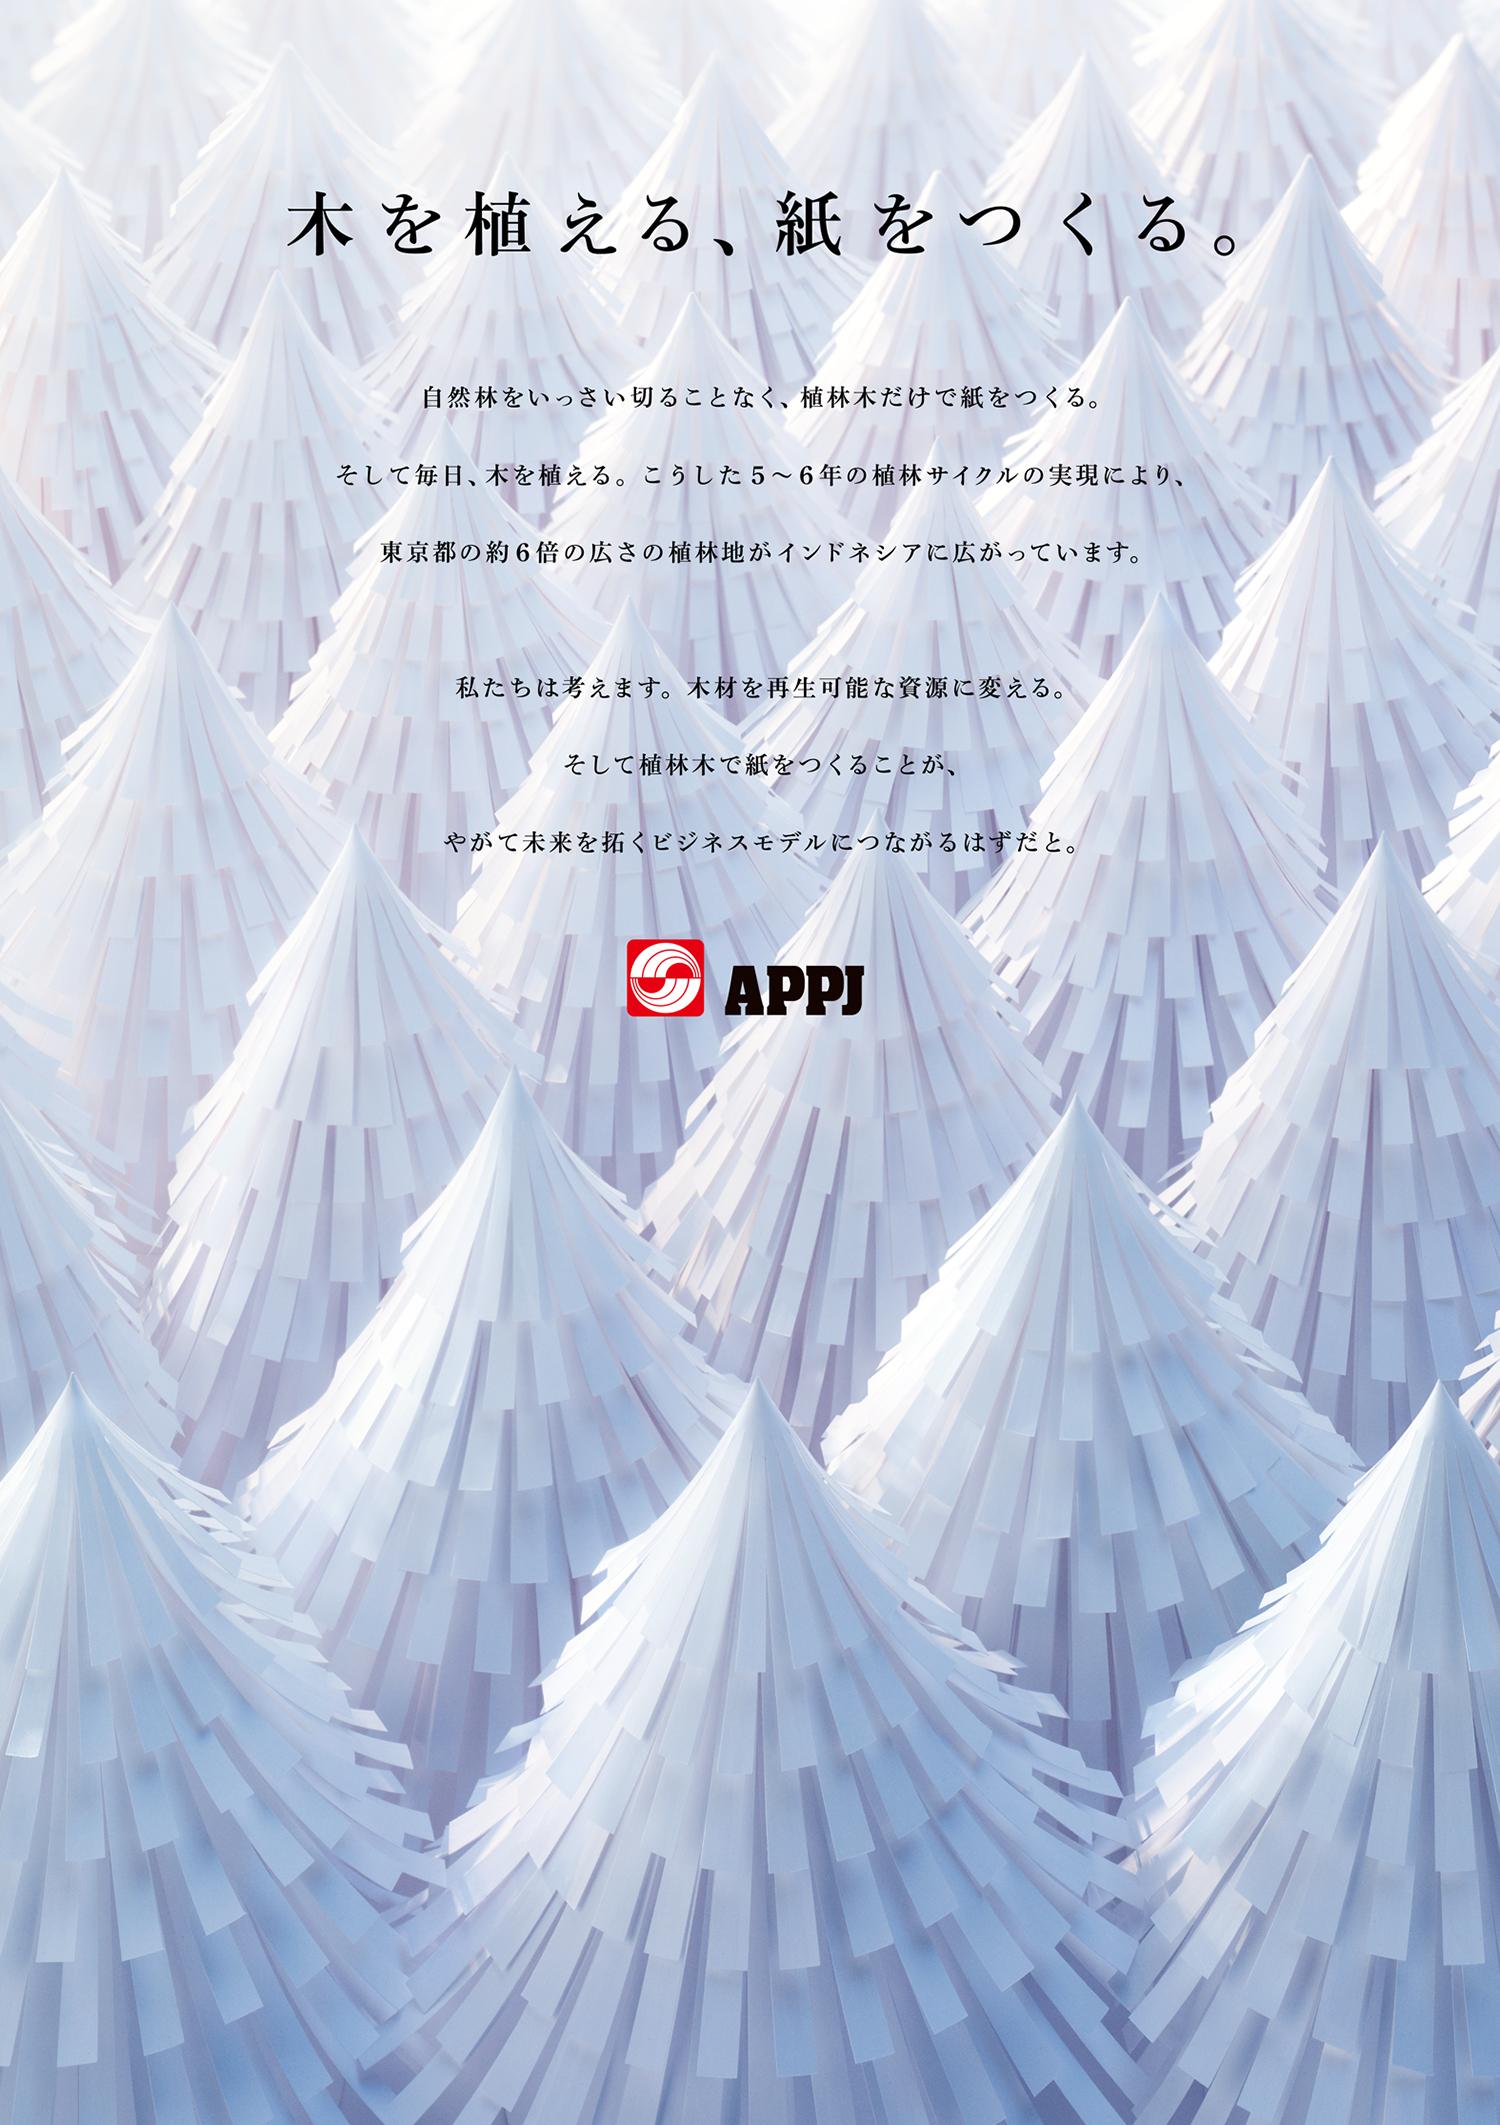 APPJ_001